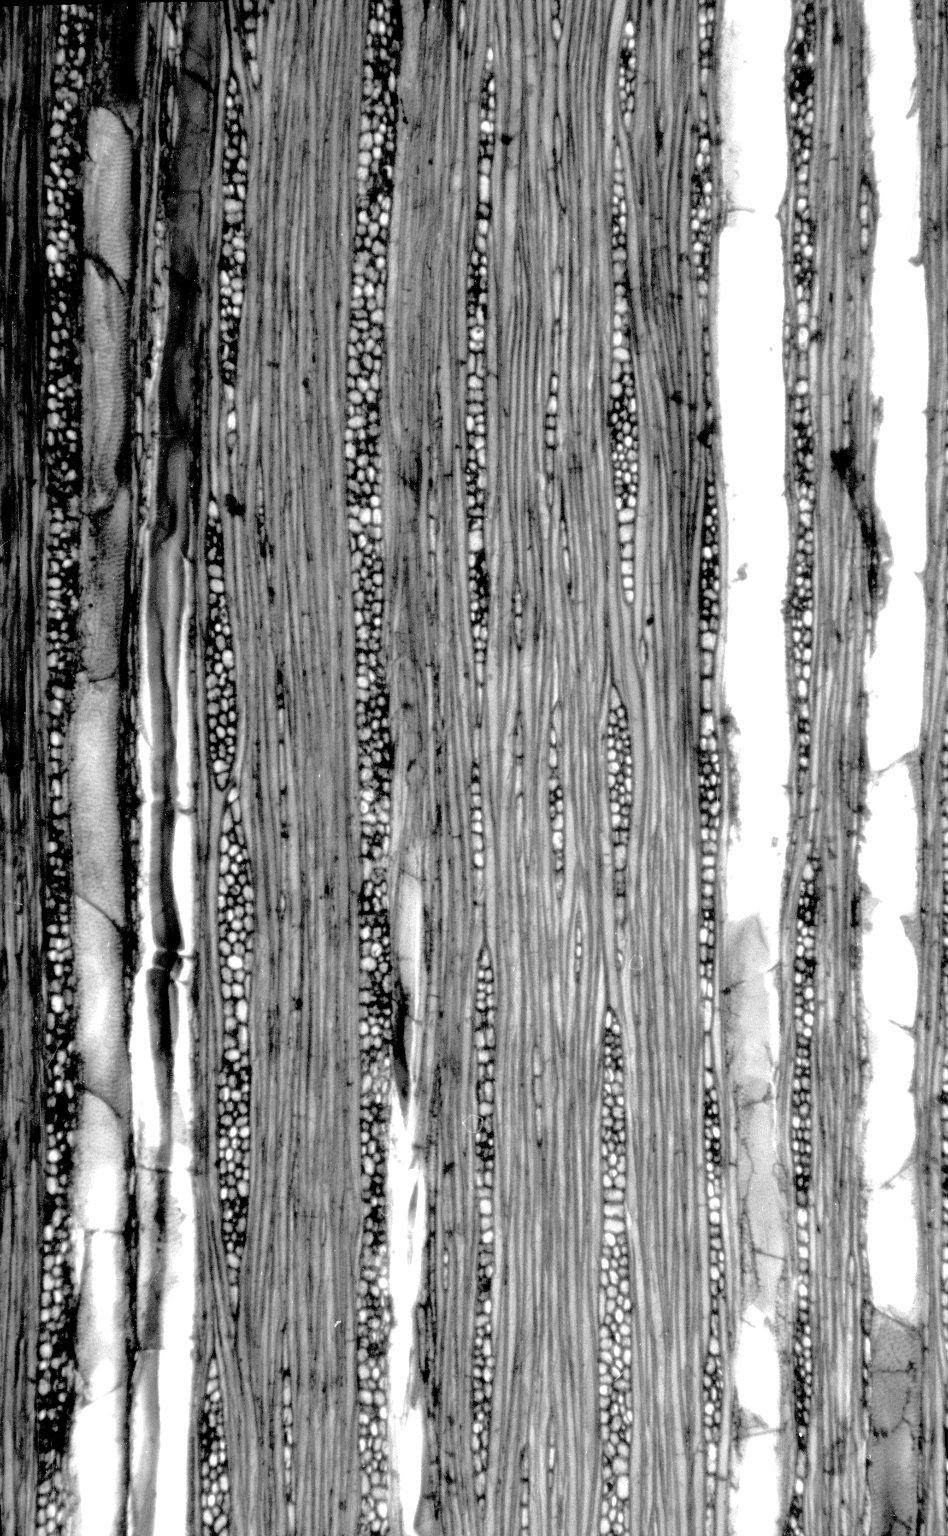 BIGNONIACEAE Fridericia patellifera